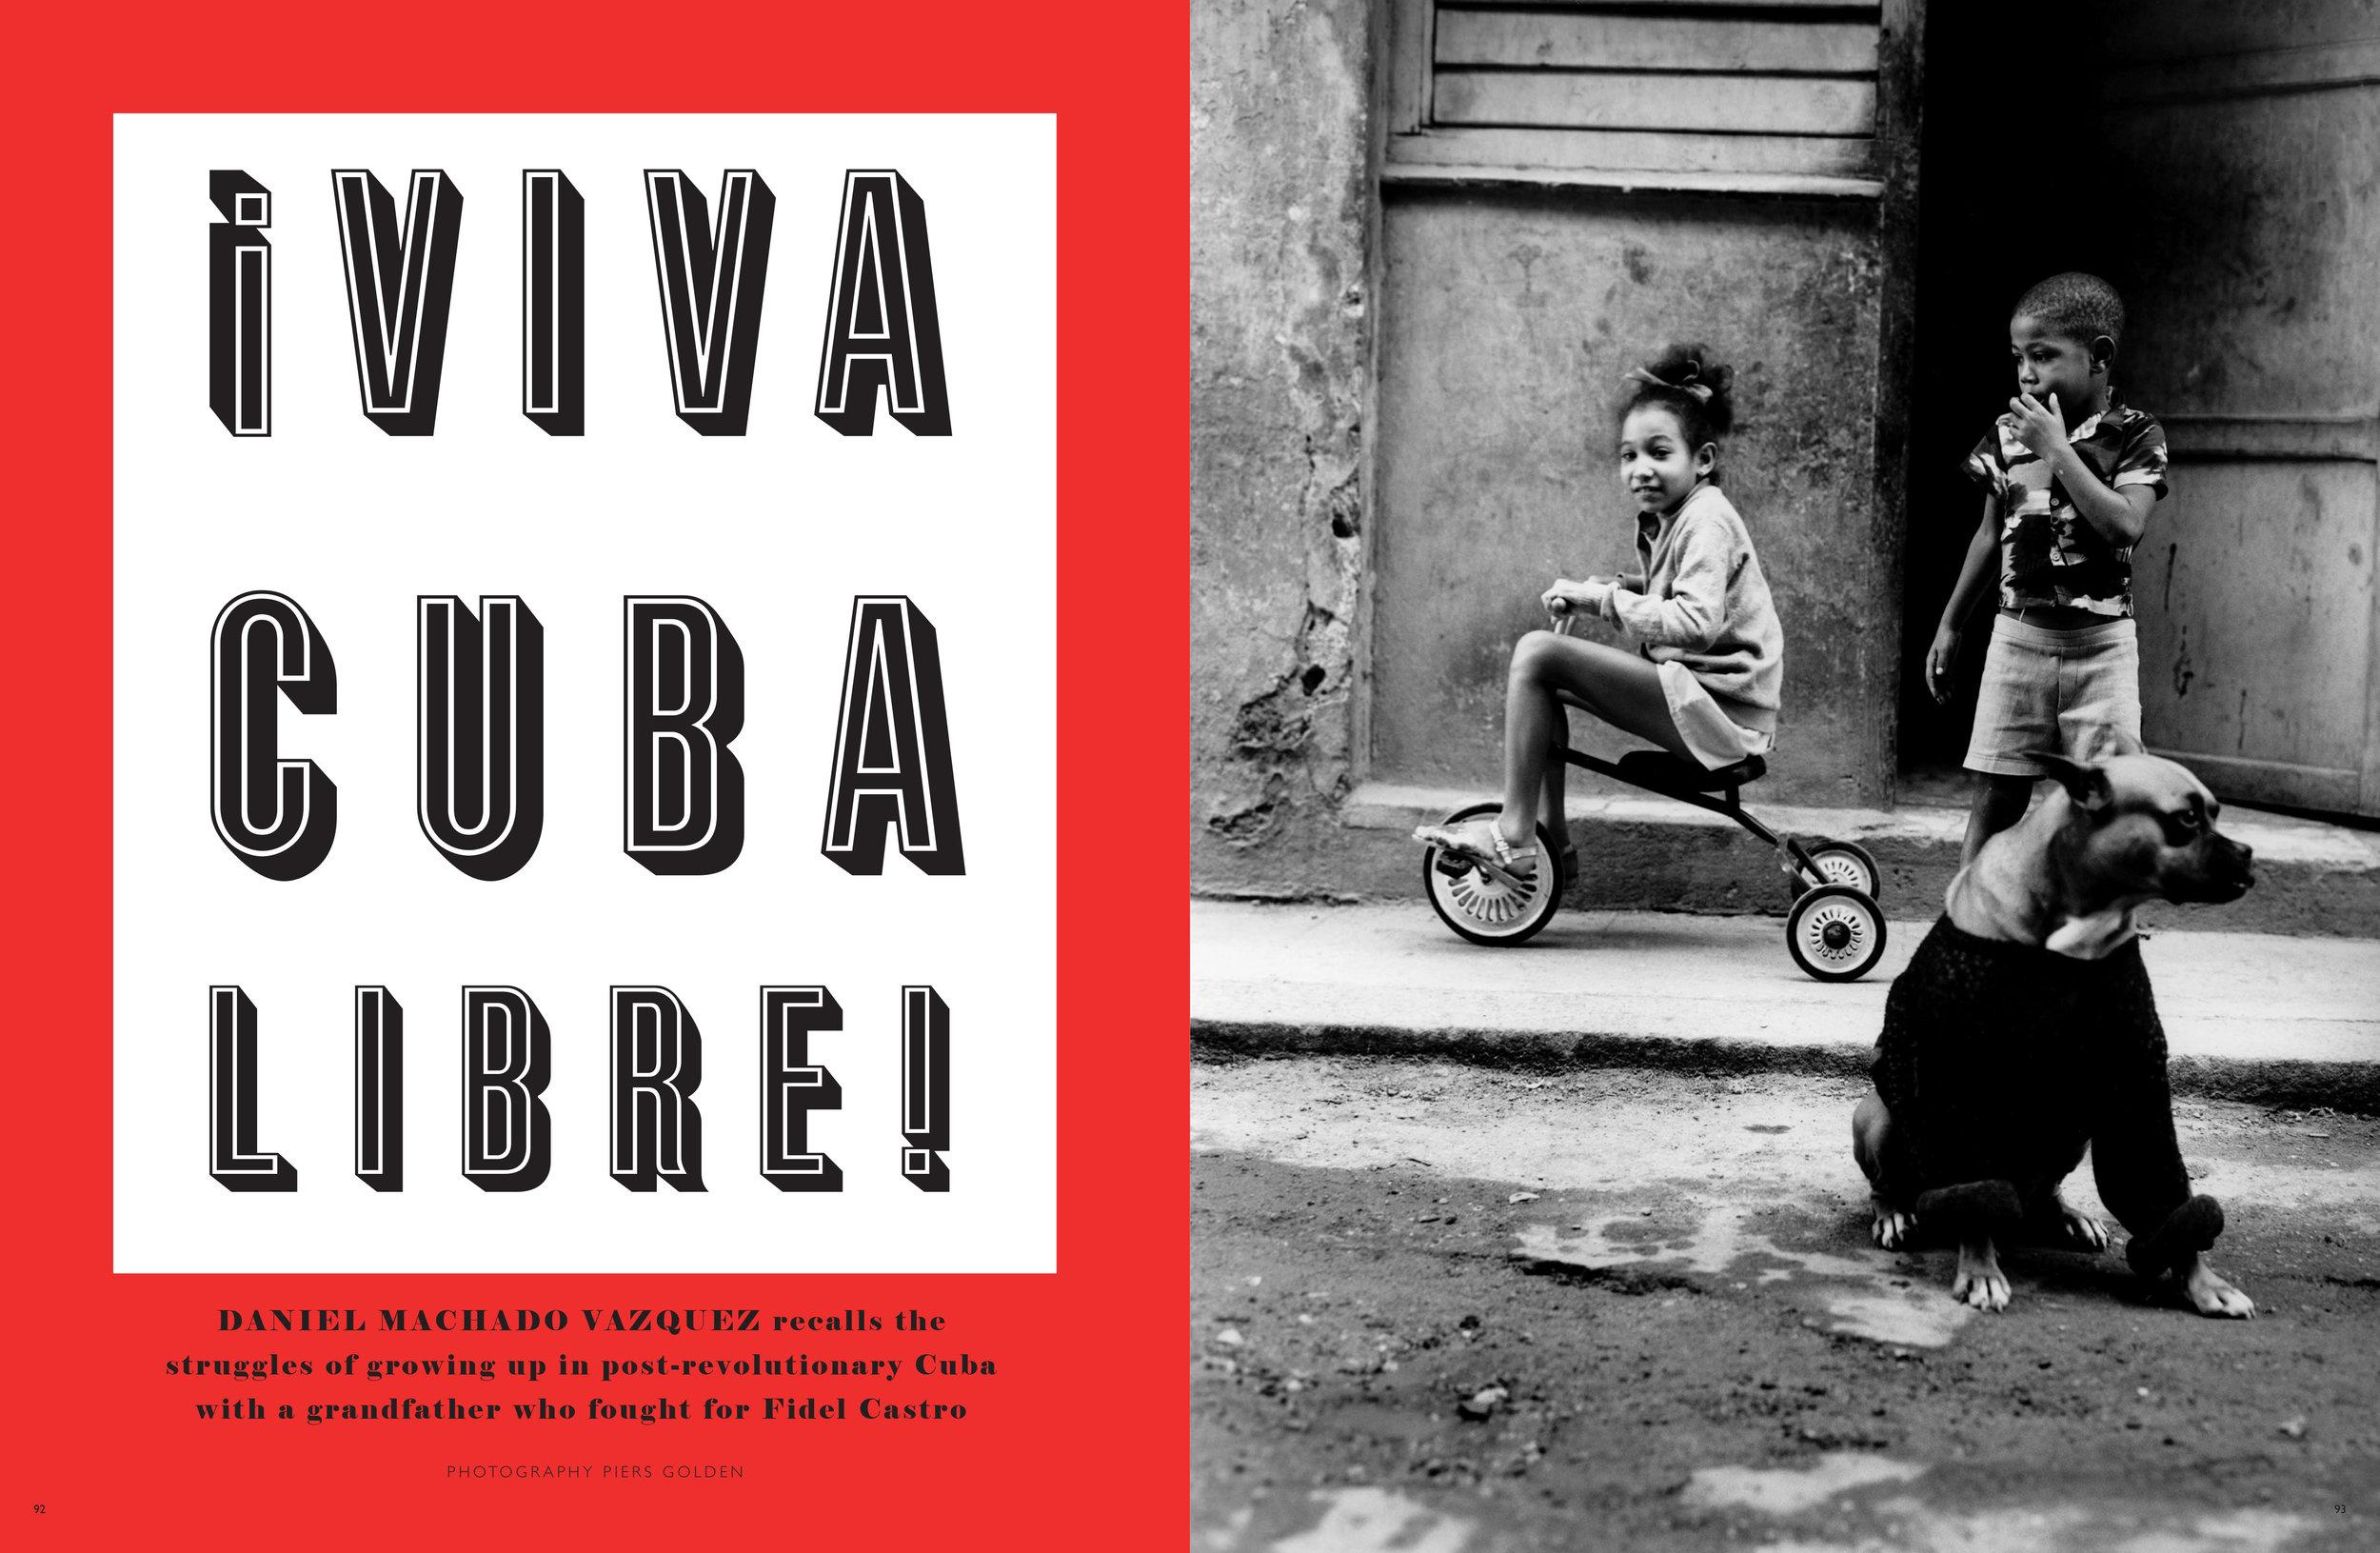 13 CUBA.jpg